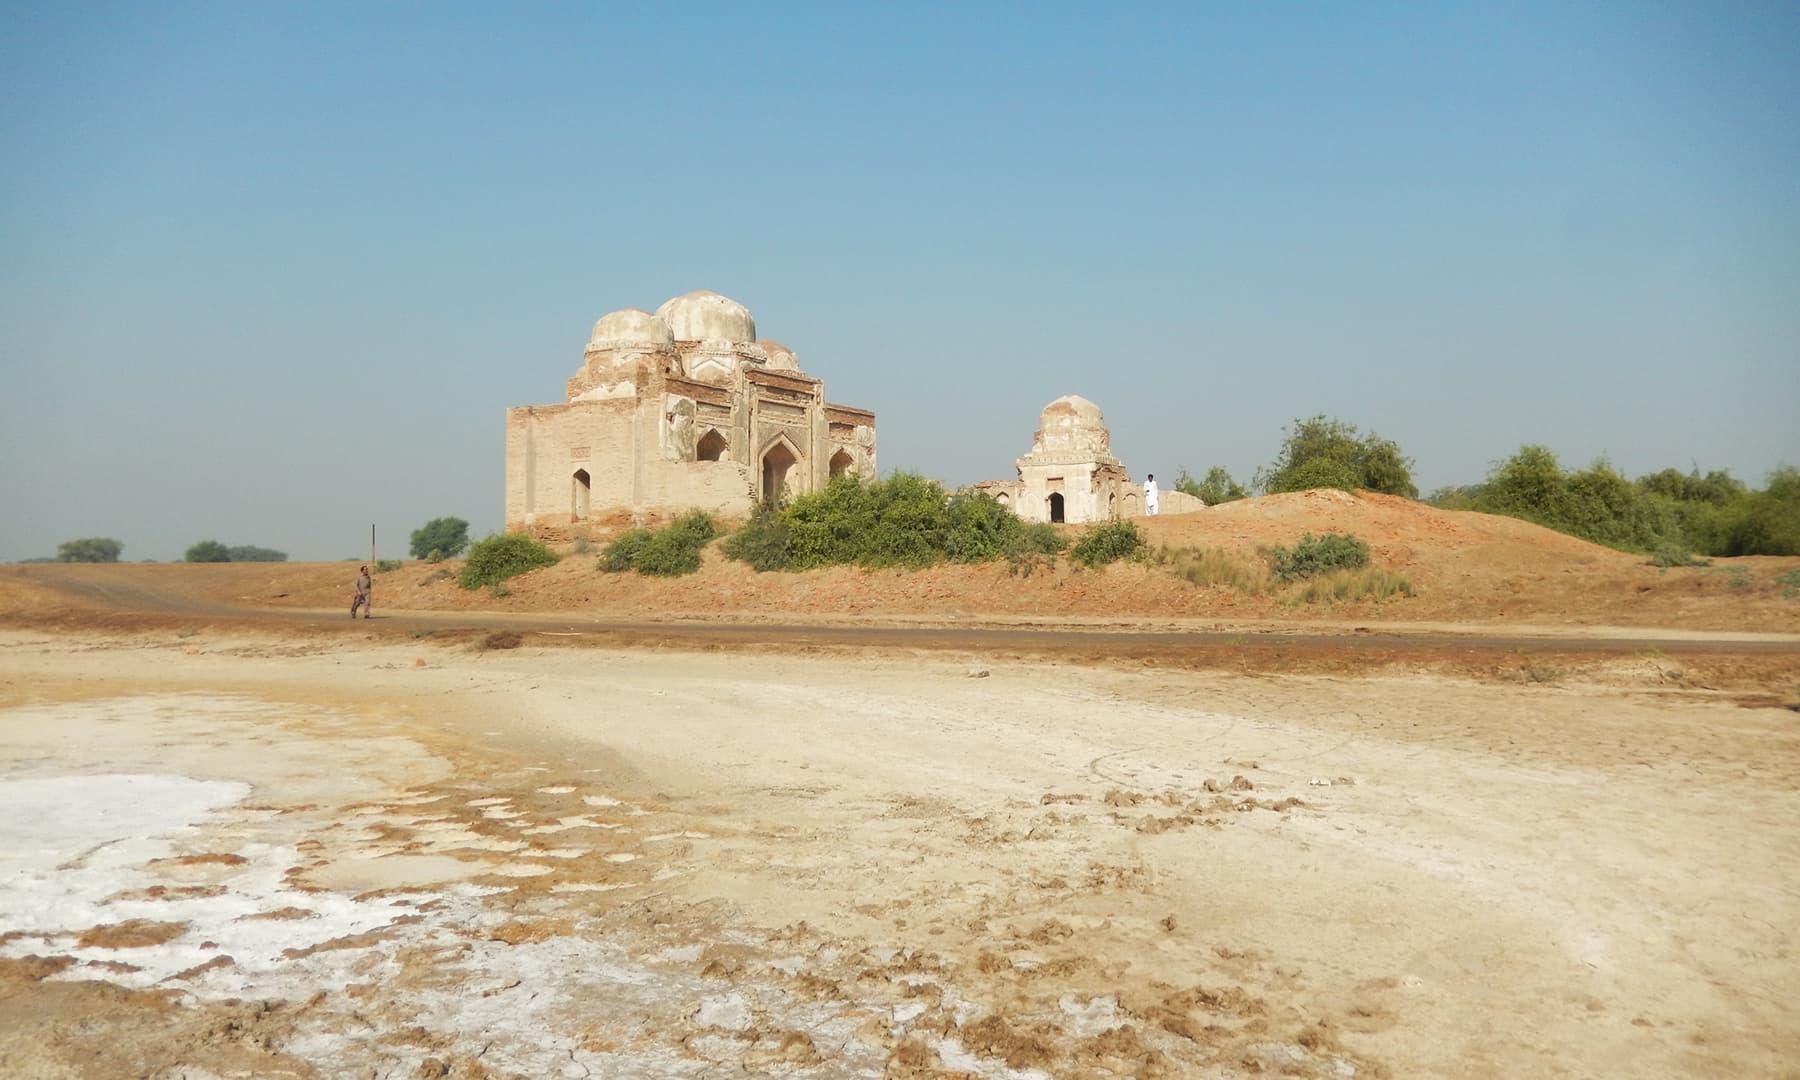 ٹنڈو فضل میں واقع دیائے سندھ کا قدیم بہاؤ جبکہ پس منظر میں مسجد (شمالی) اور مدرسہ کے آثار نظر آ رہے ہیں—تصویر ابوبکر شیخ